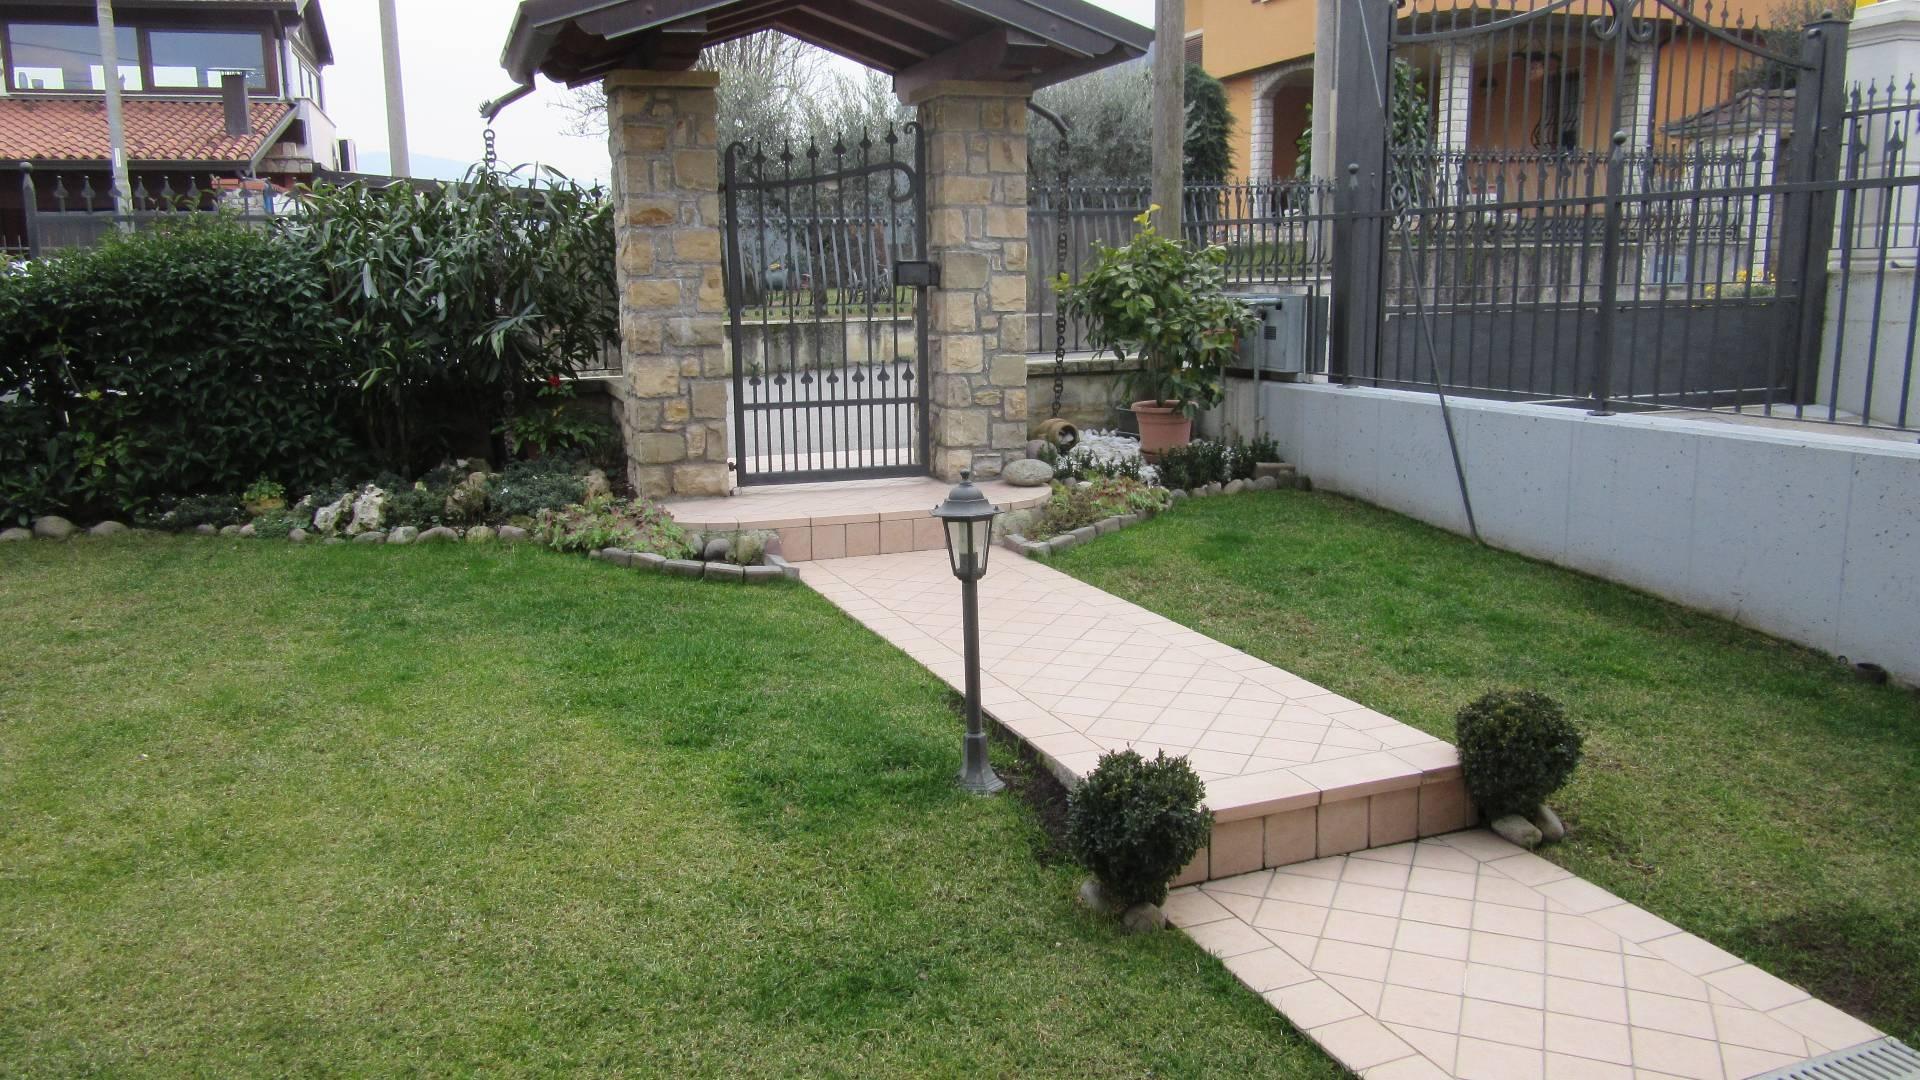 Villa in vendita a Villa Carcina, 7 locali, zona Zona: Cailina, prezzo € 369.000 | CambioCasa.it